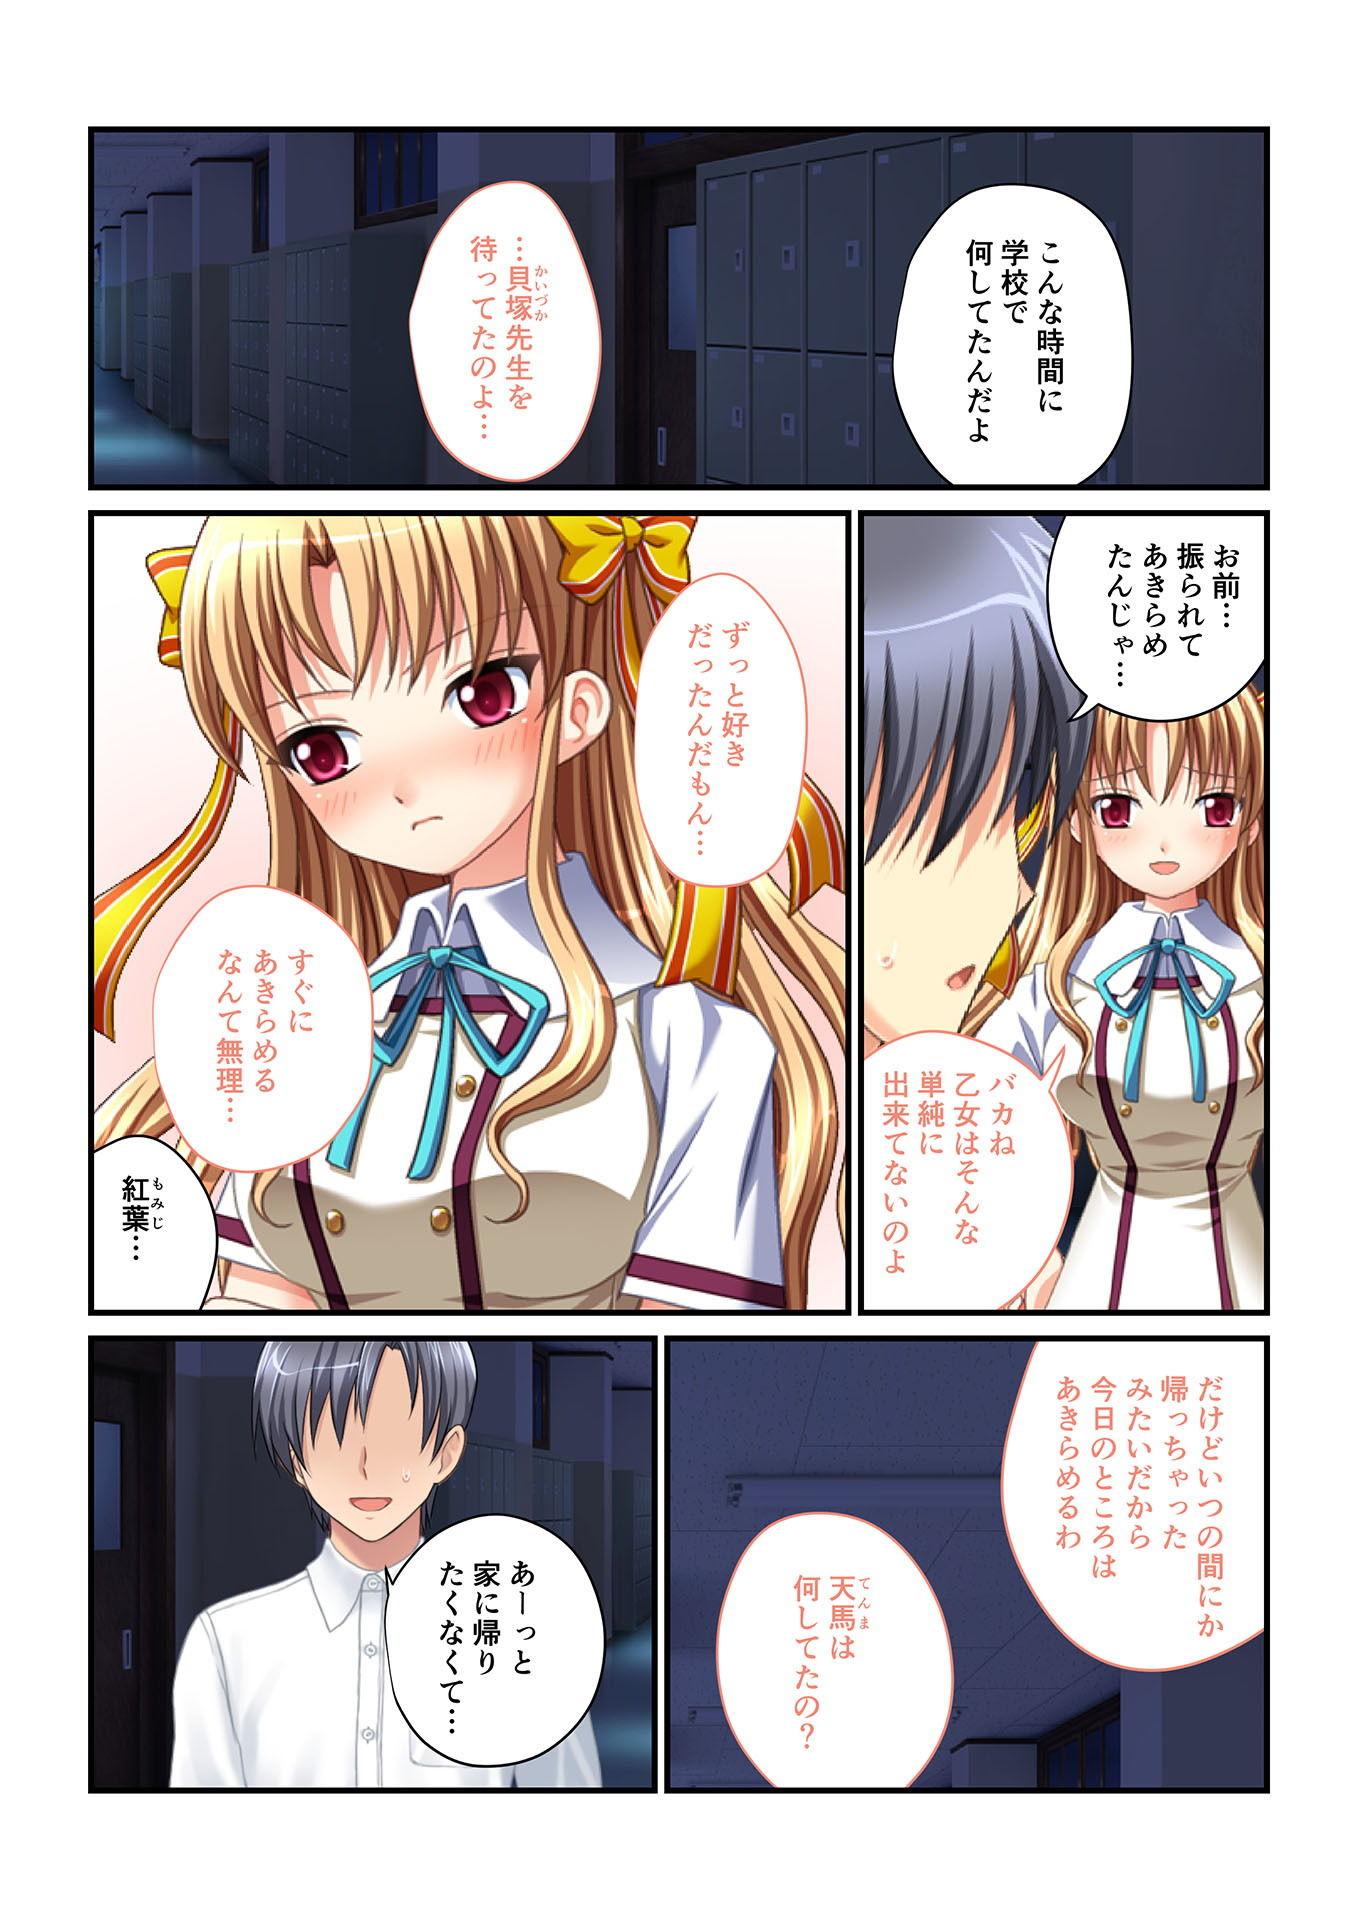 同級生ハーレム!〜絶対孕ませ子作りエッチ〜(4) フルカラーコミック版